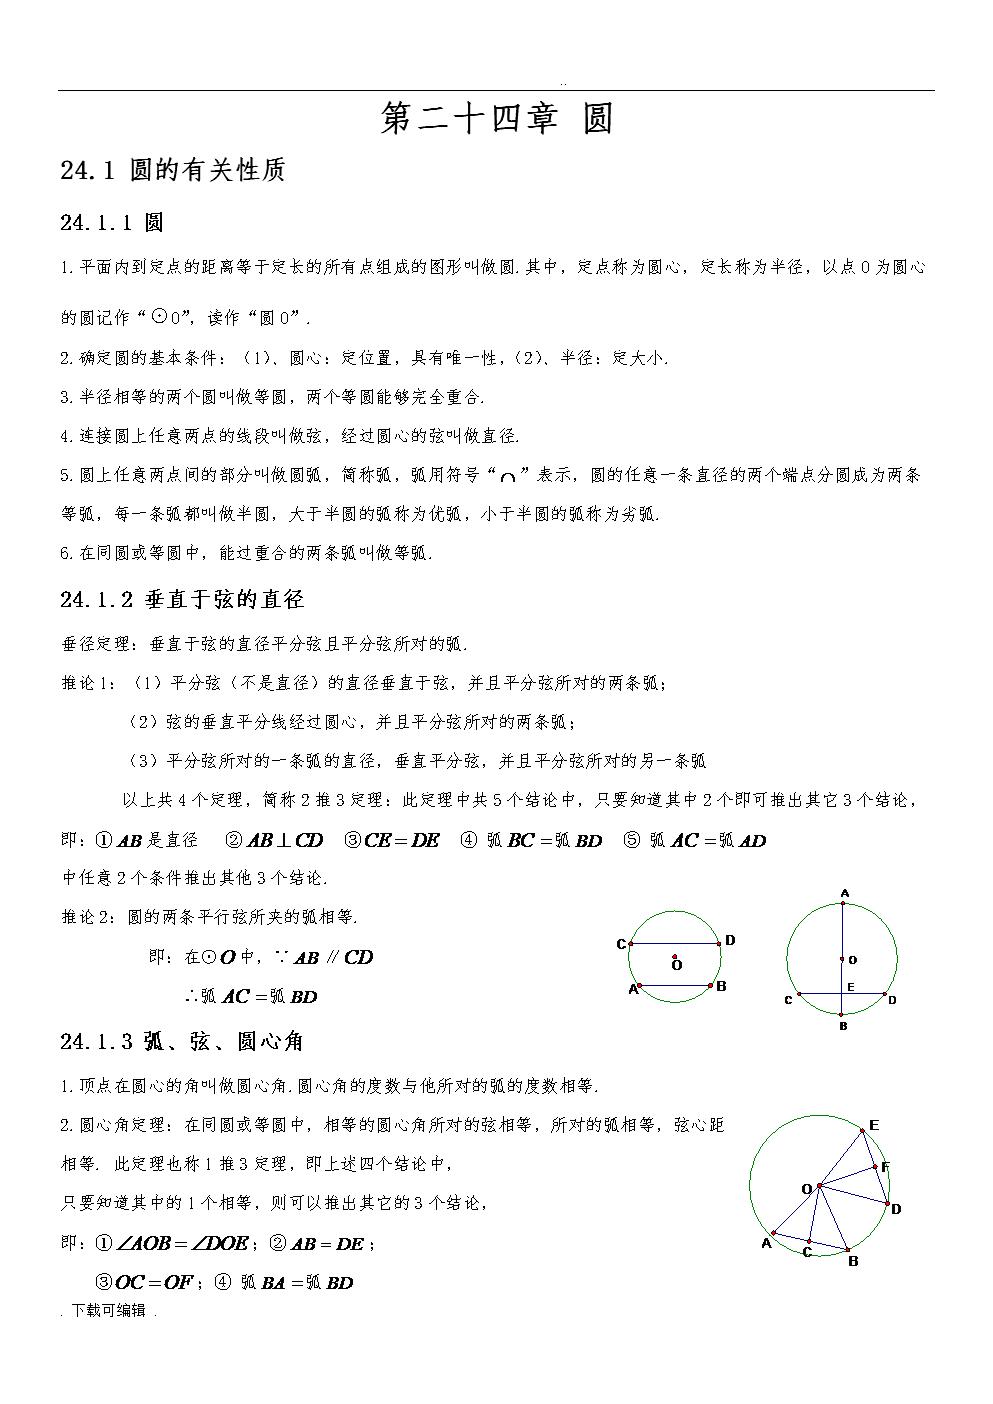 人教版初中数学第二十四章圆知识点.doc